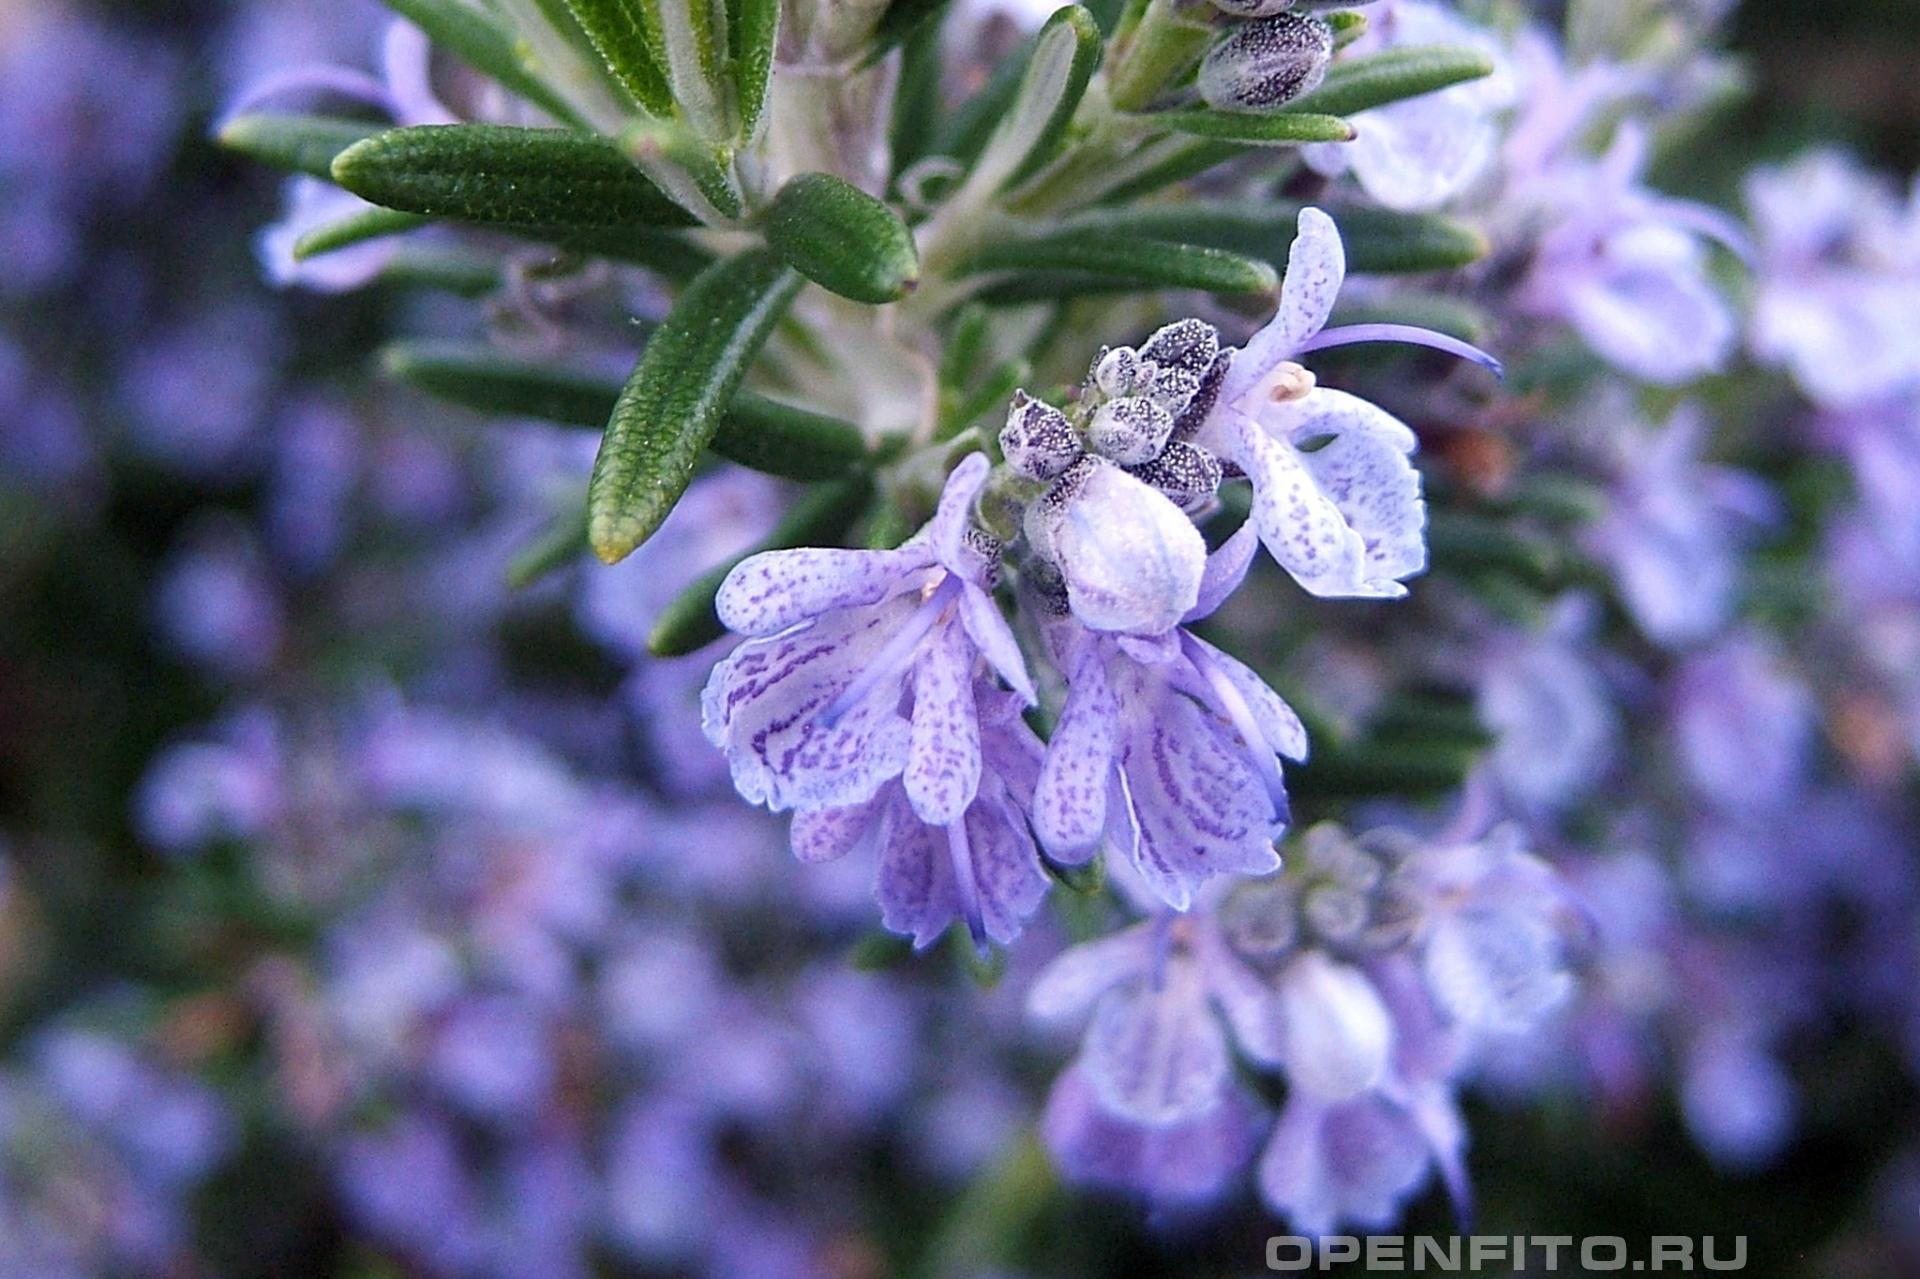 Розмарин лекарственный ароматное растение